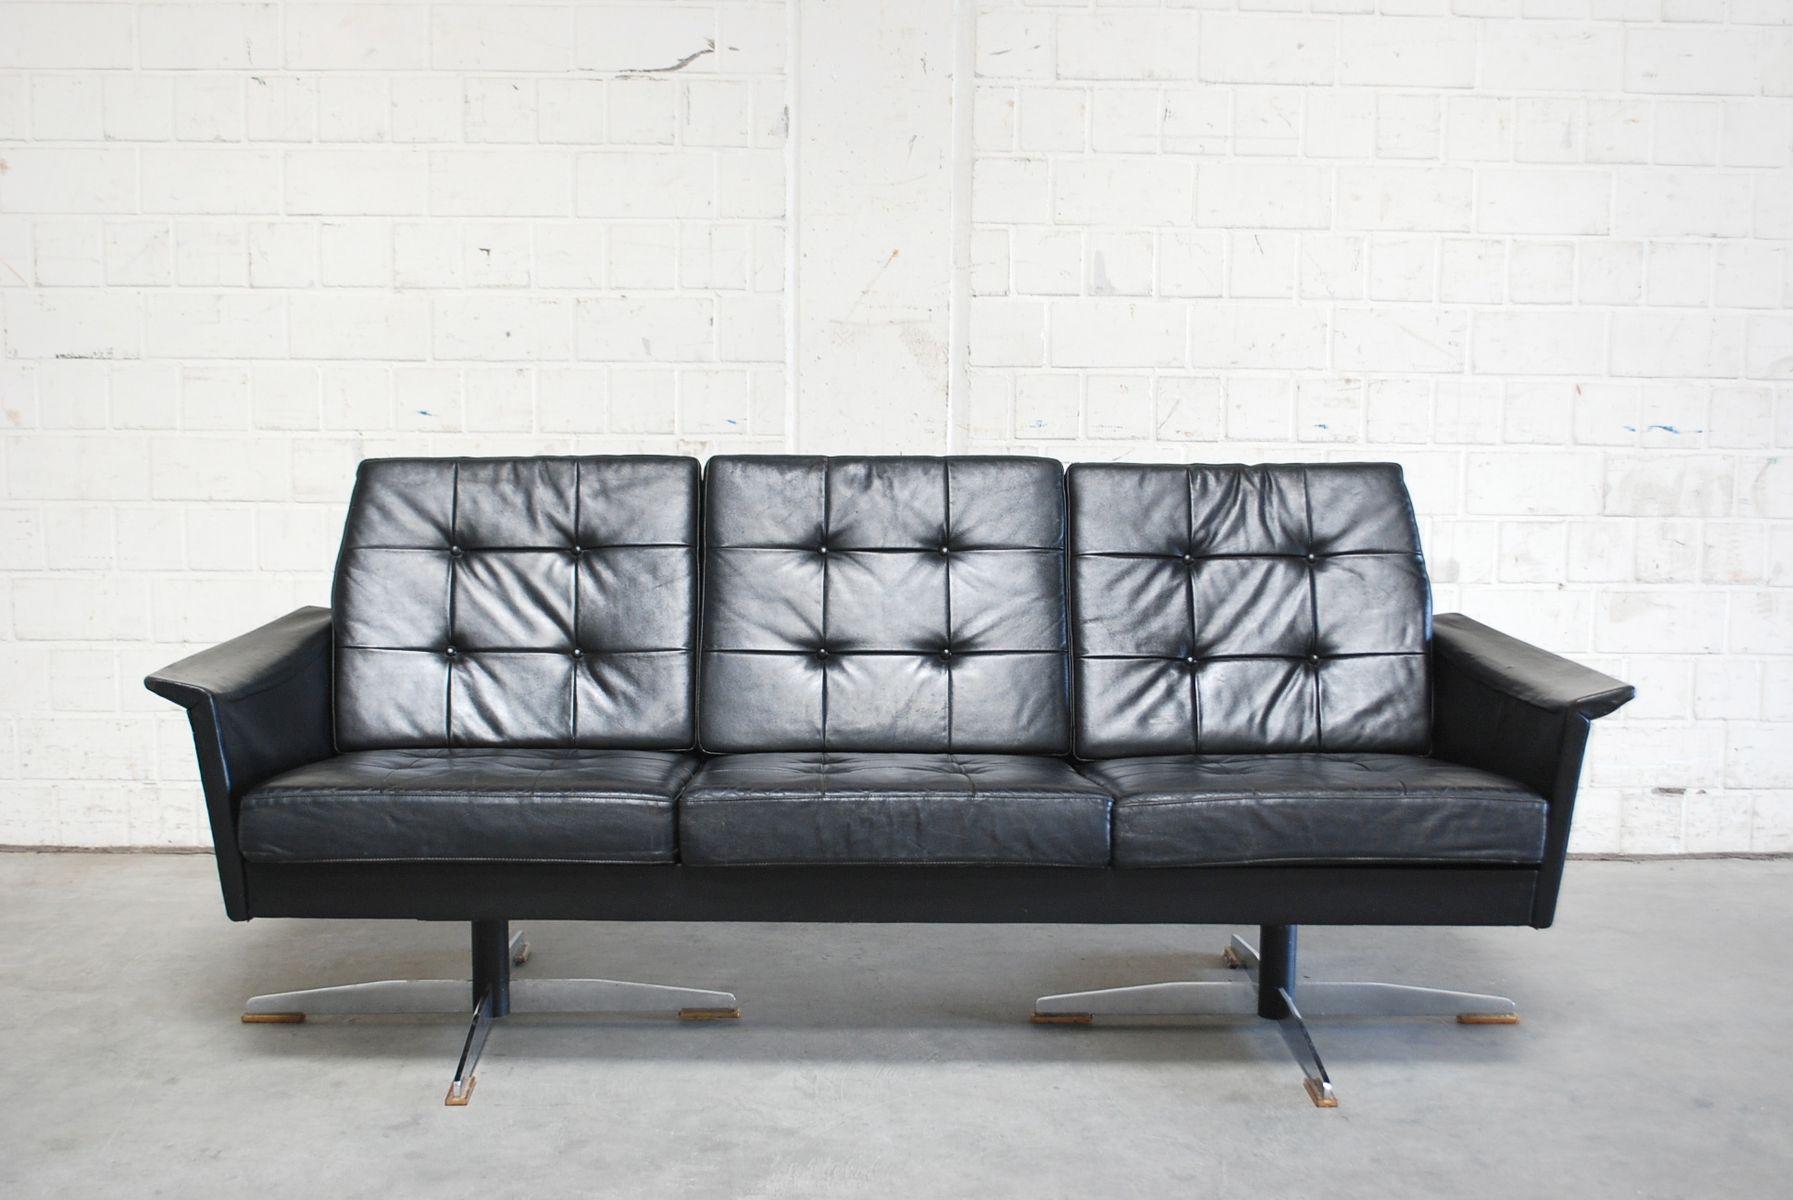 Vintage Black Leather Sofa, 1960s